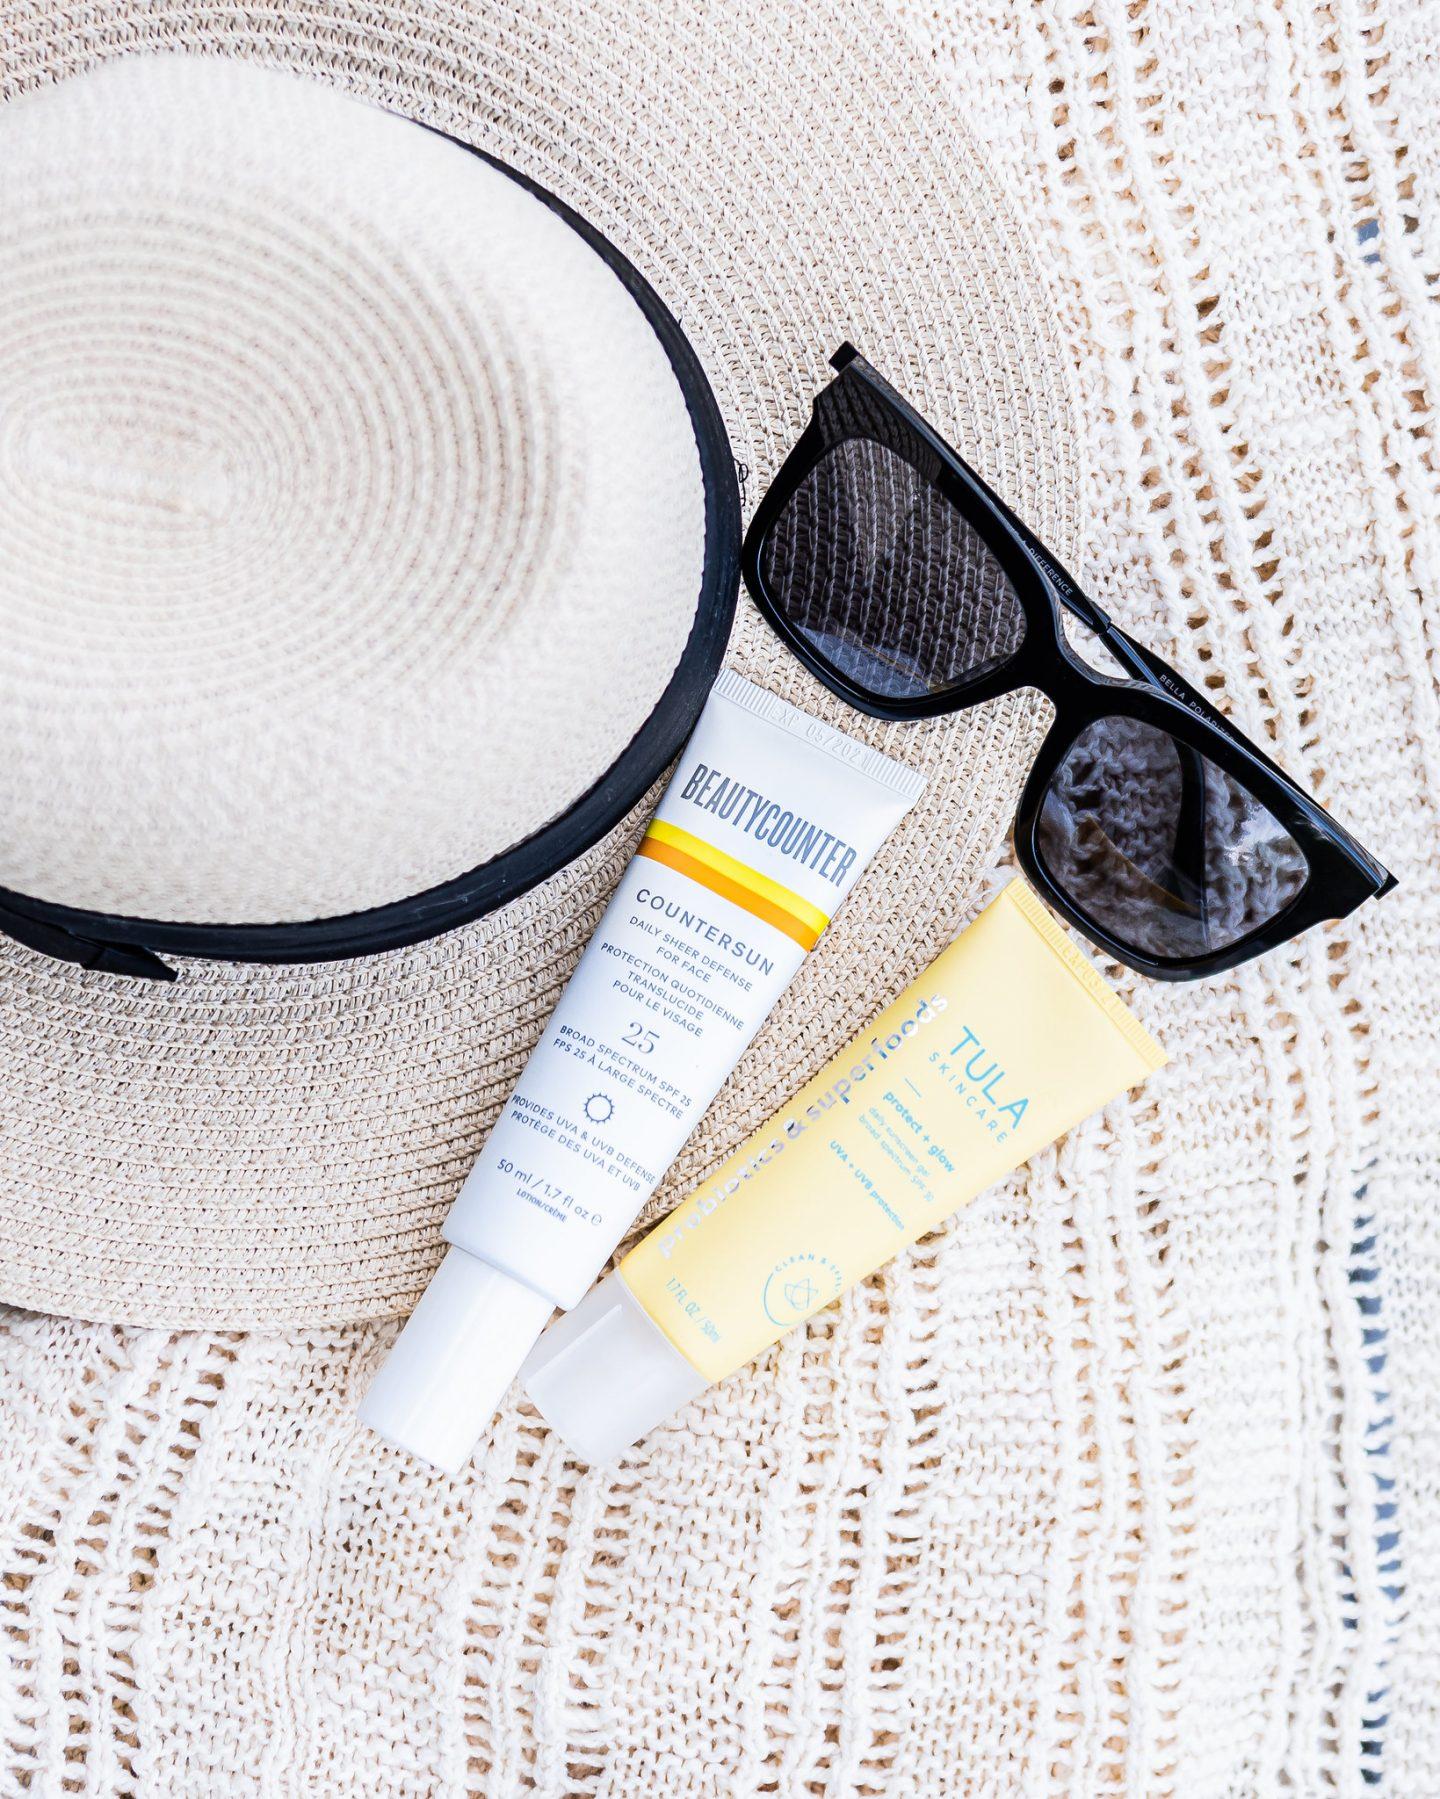 Tula vs. Beautycounter facial Sunscreen comparison